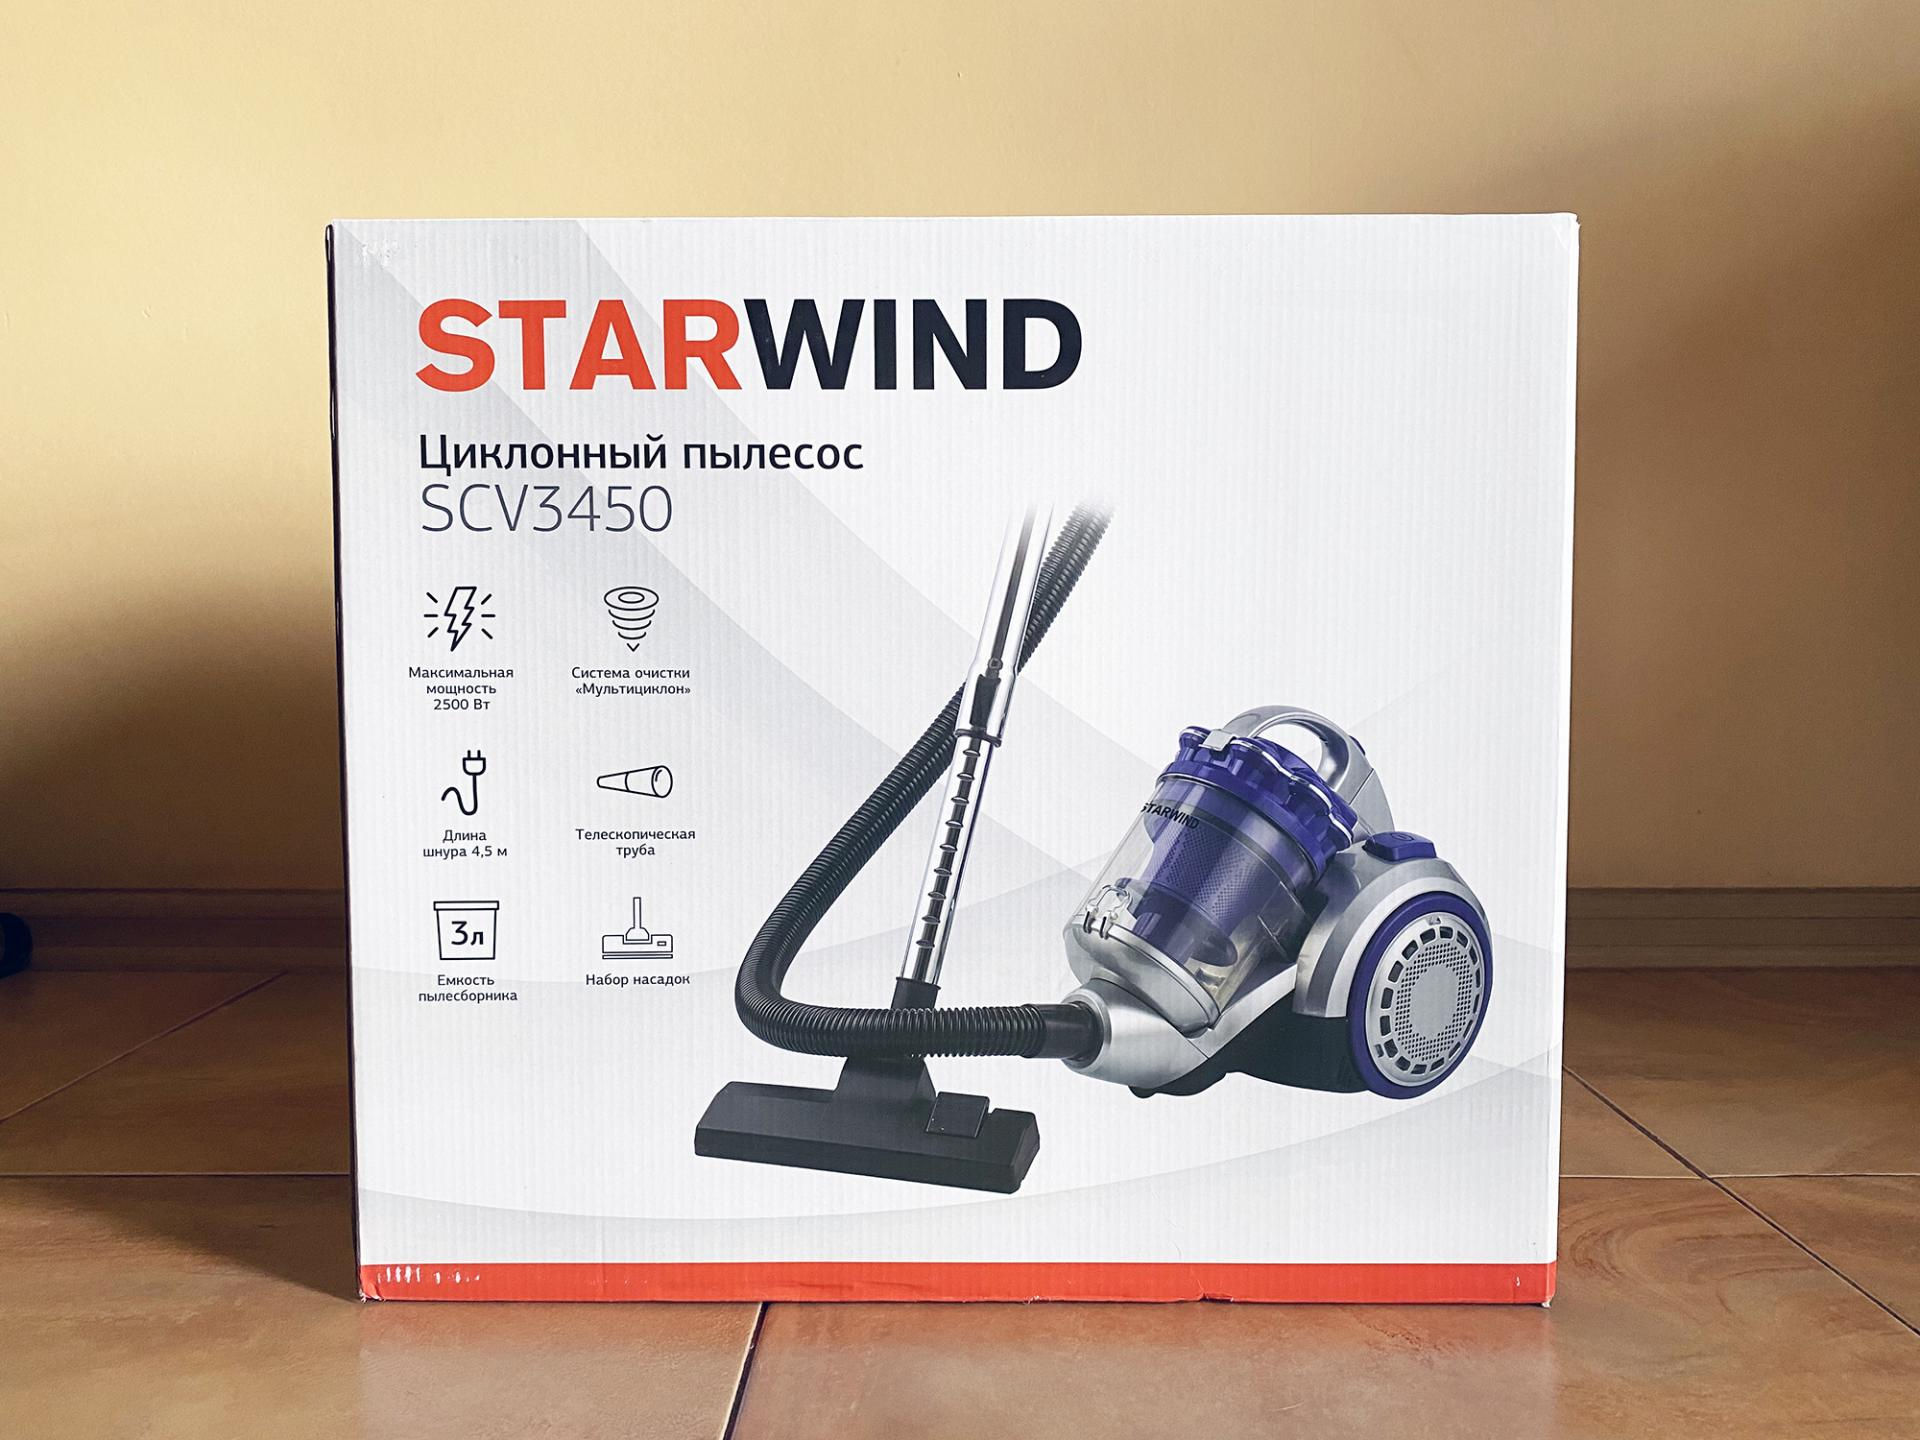 Тест-драйв циклонногопылесоса Starwind SCV3450